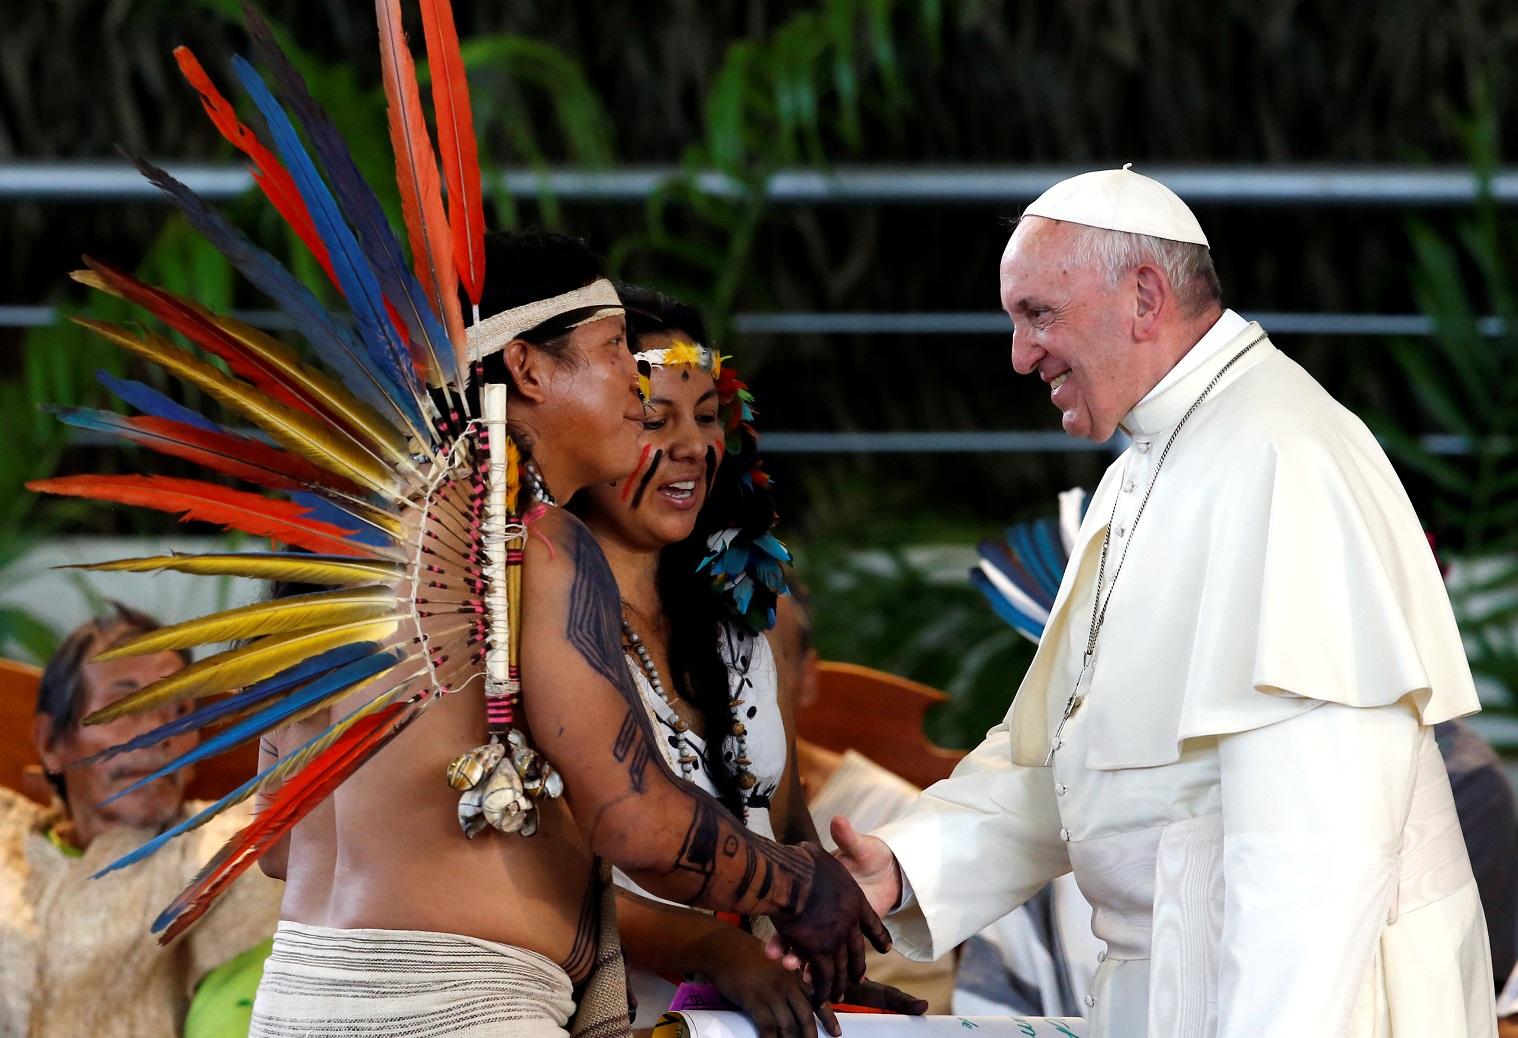 Папа встретился с коренными народами Амазонии (ФОТО + ВИДЕО)